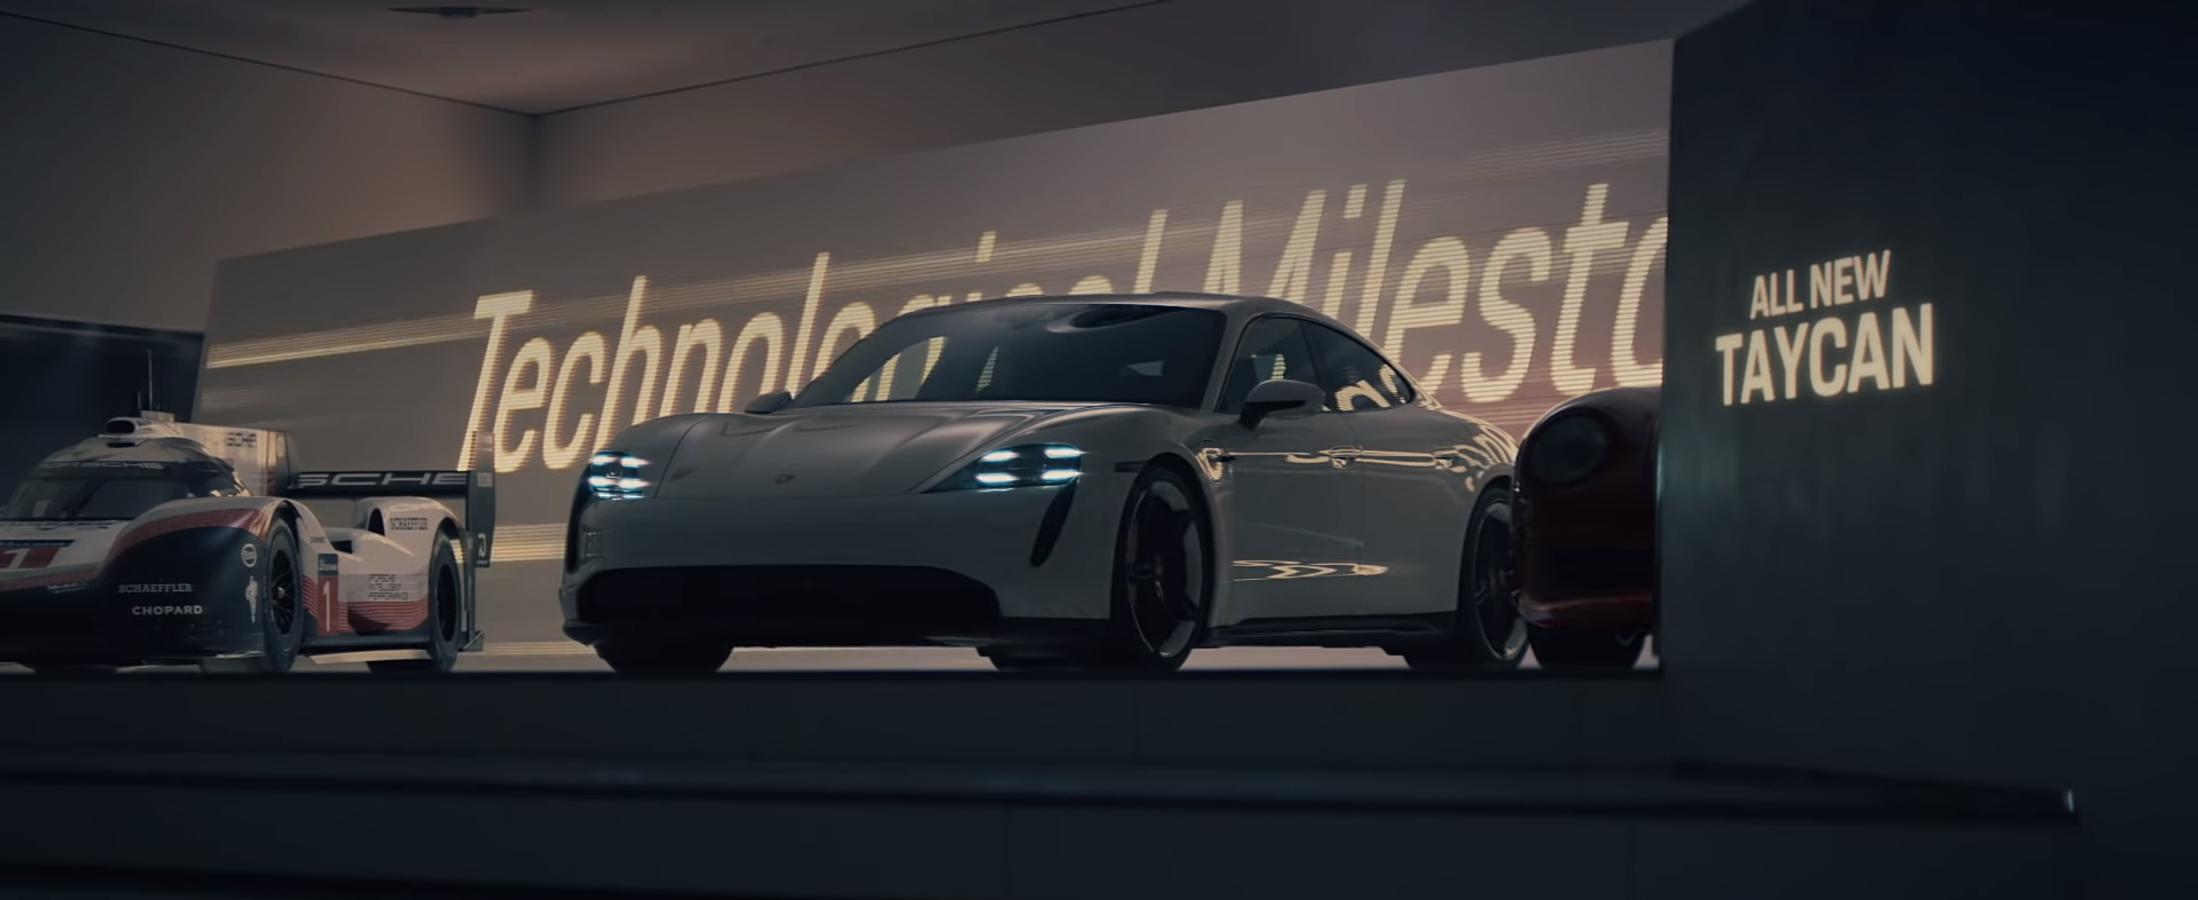 """Porsche представила художнє рекламне відео """"Викрадення"""" про Taycan та спорткари з музею"""